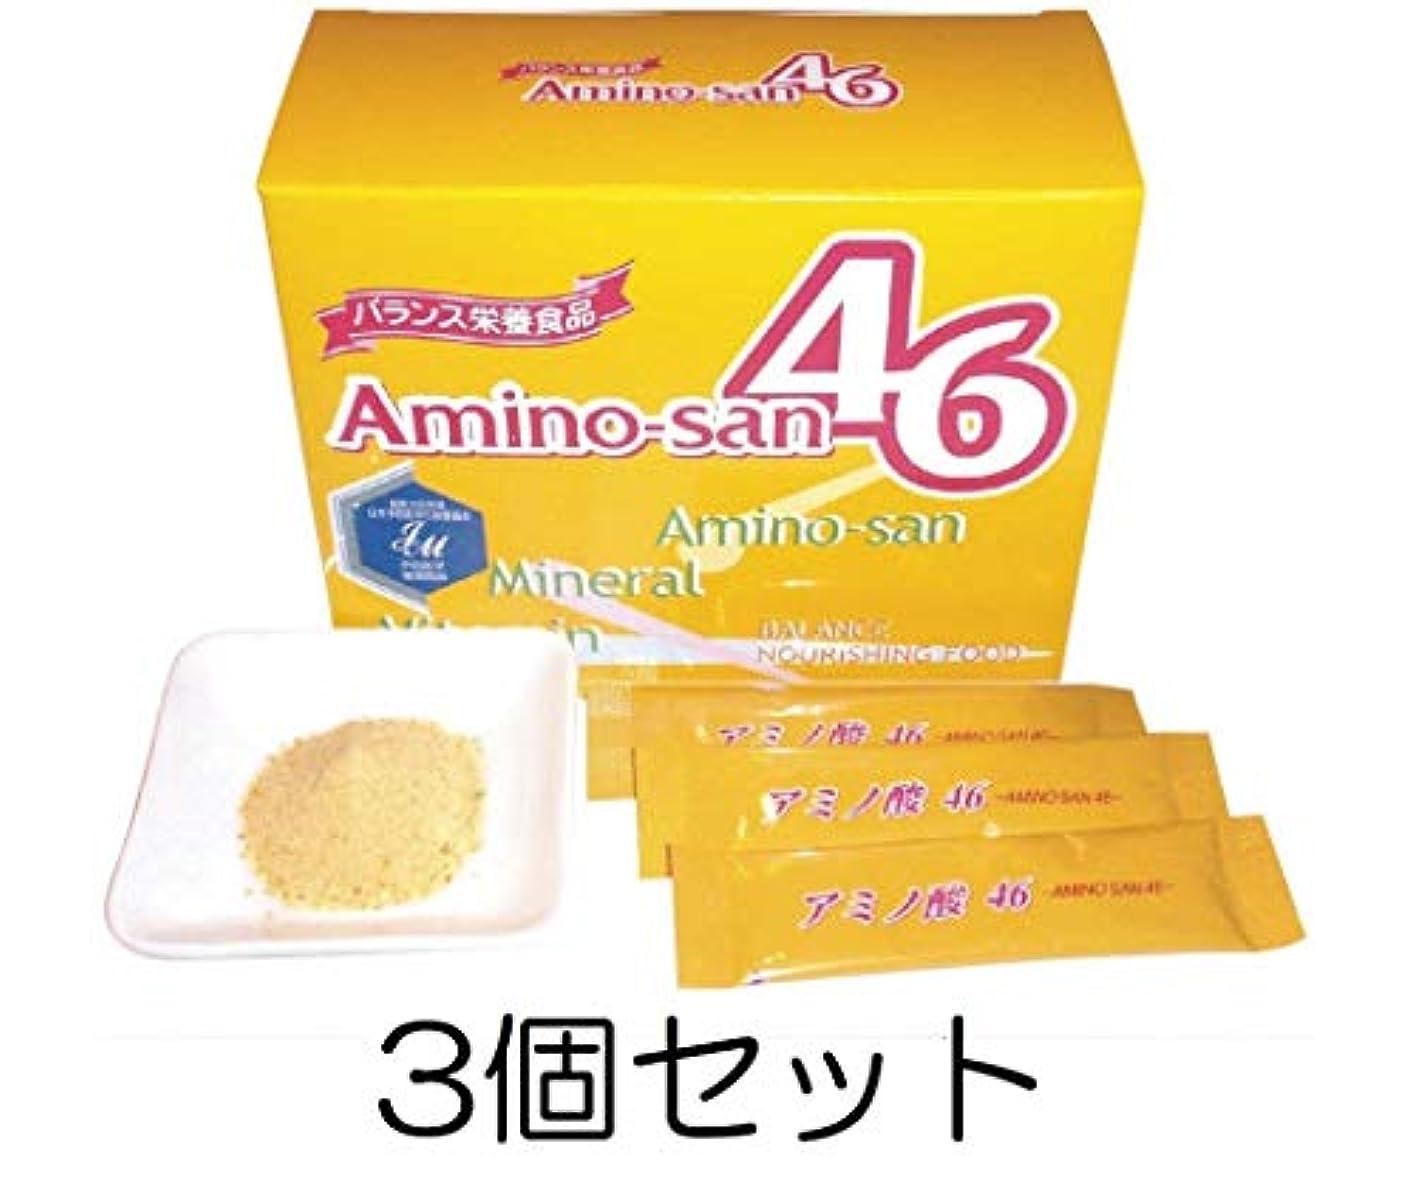 成熟閲覧するスペクトラムベル?クール研究所 アミノ酸46 3g×60本入り(1ヶ月分)×3箱セット ポーレン(蜂蜜花粉)含有サプリメント 栄養補助食品